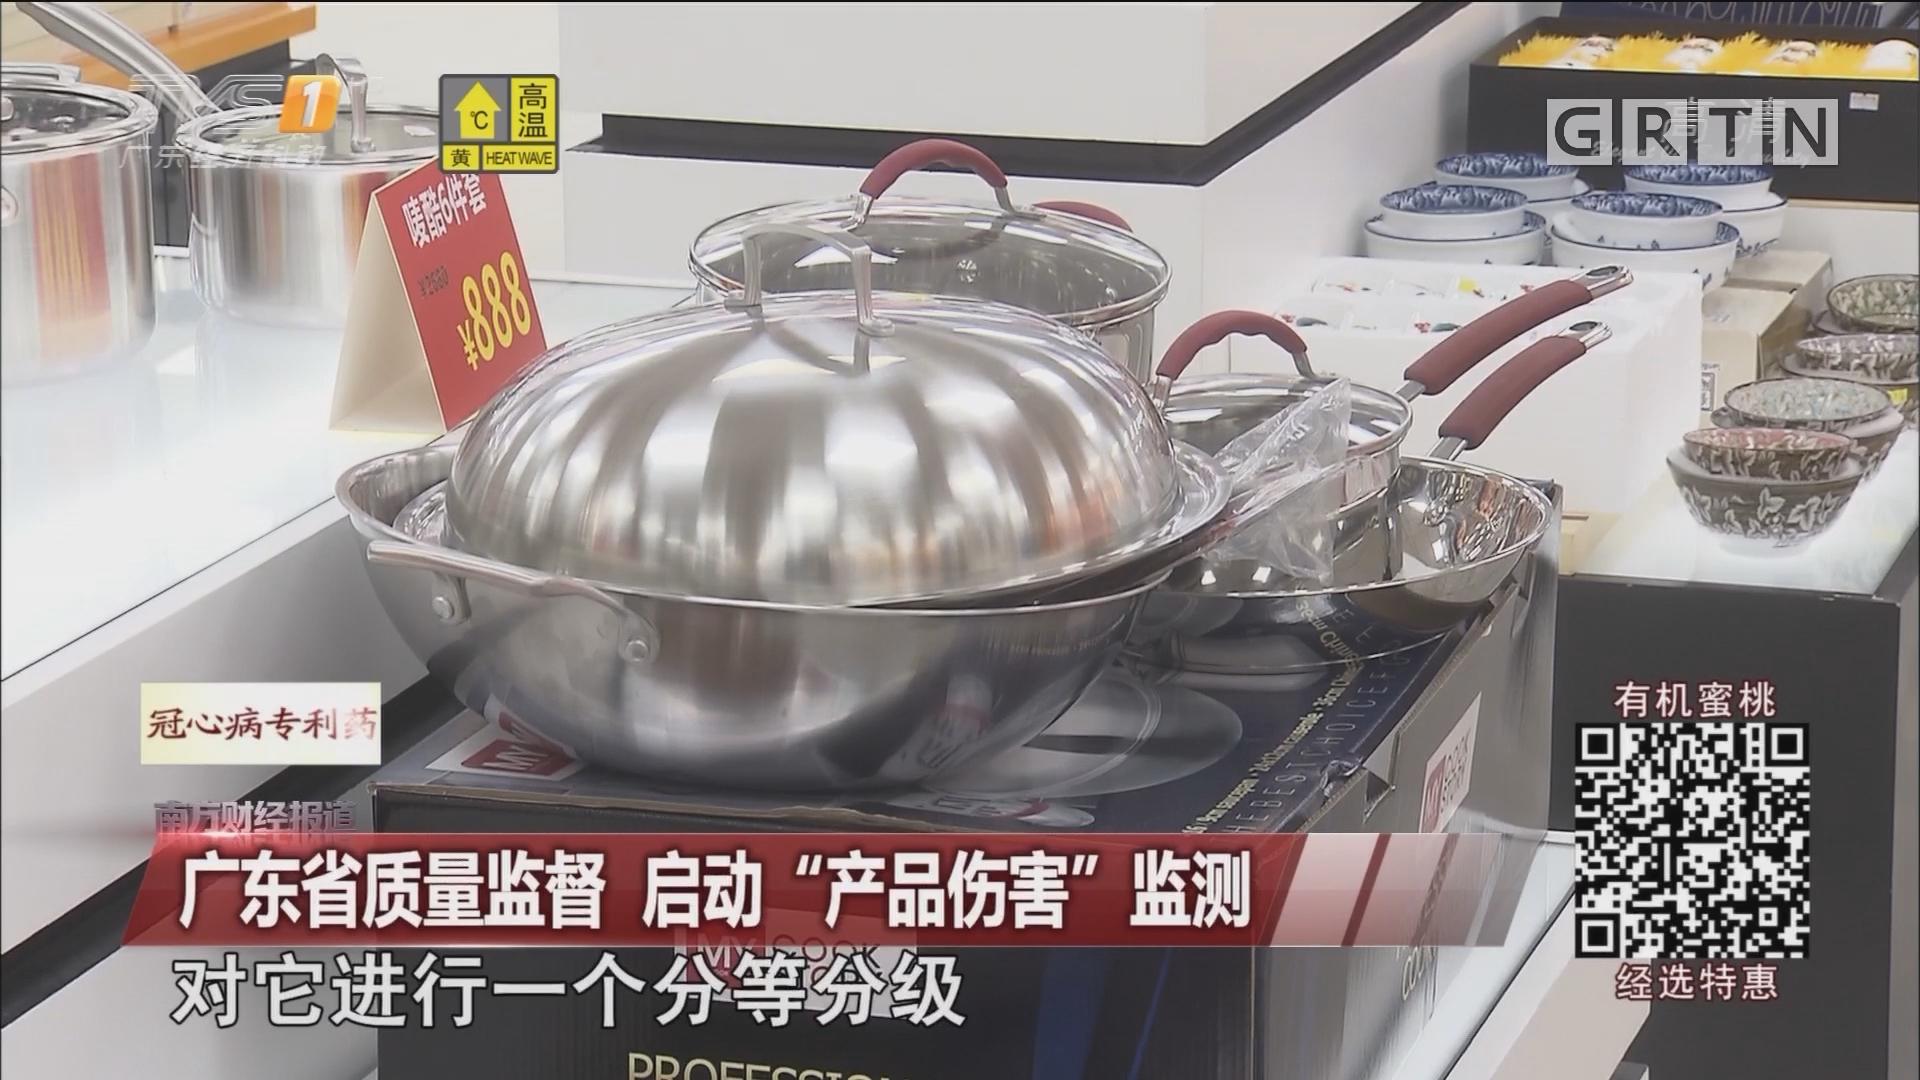 """广东省质量监督 启动""""产品伤害""""监测"""